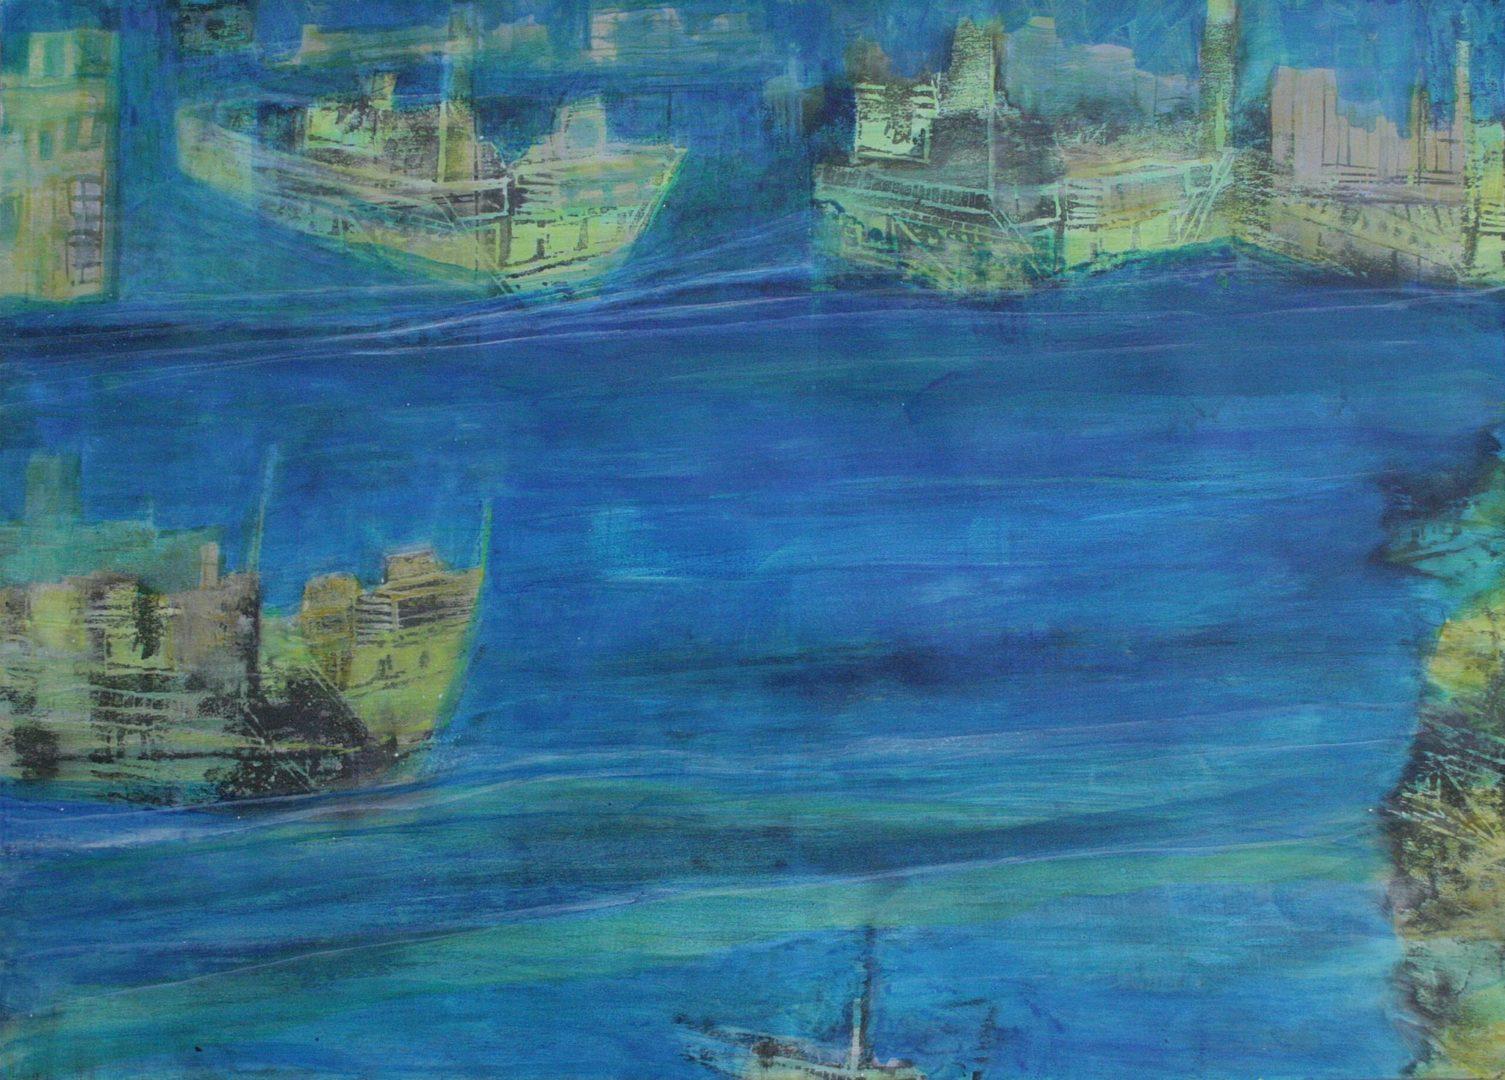 Unterwegs VI - Acryl Lasur, Holzschnitt auf Papier, 50 x 70 cm, 2018 ©Ursula Heermann-Jensen